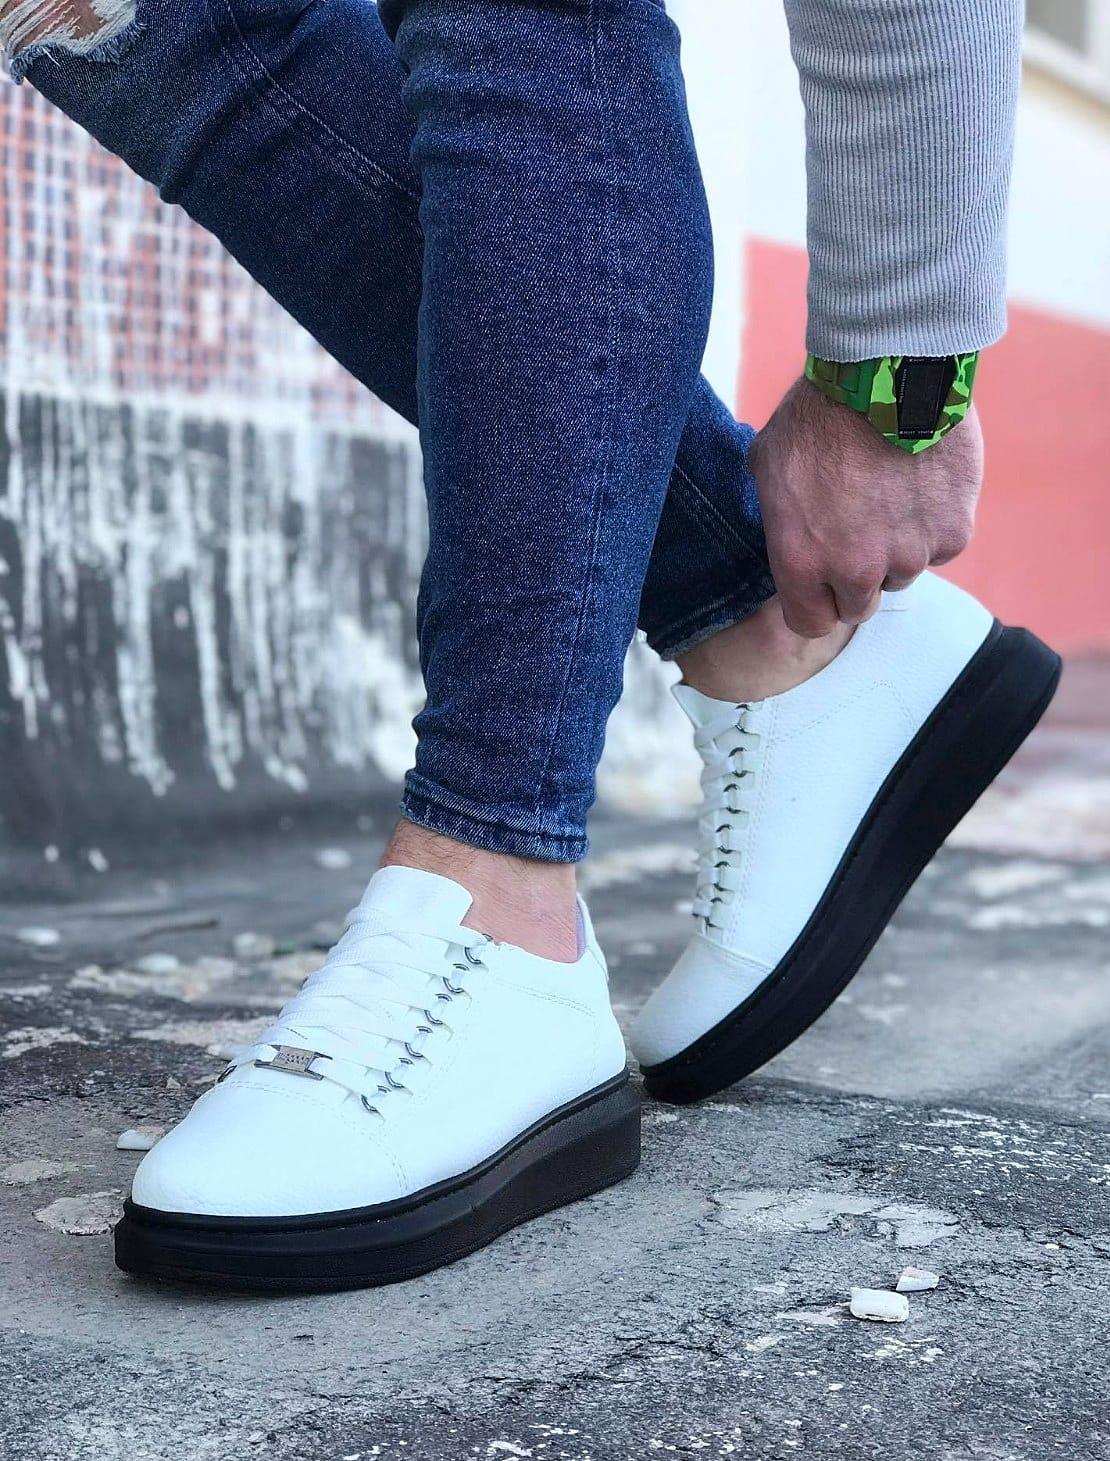 AliExpress Yung – chaussures de sport pour hommes, chaussures de sport, confortables, vegan, faites en turquie,